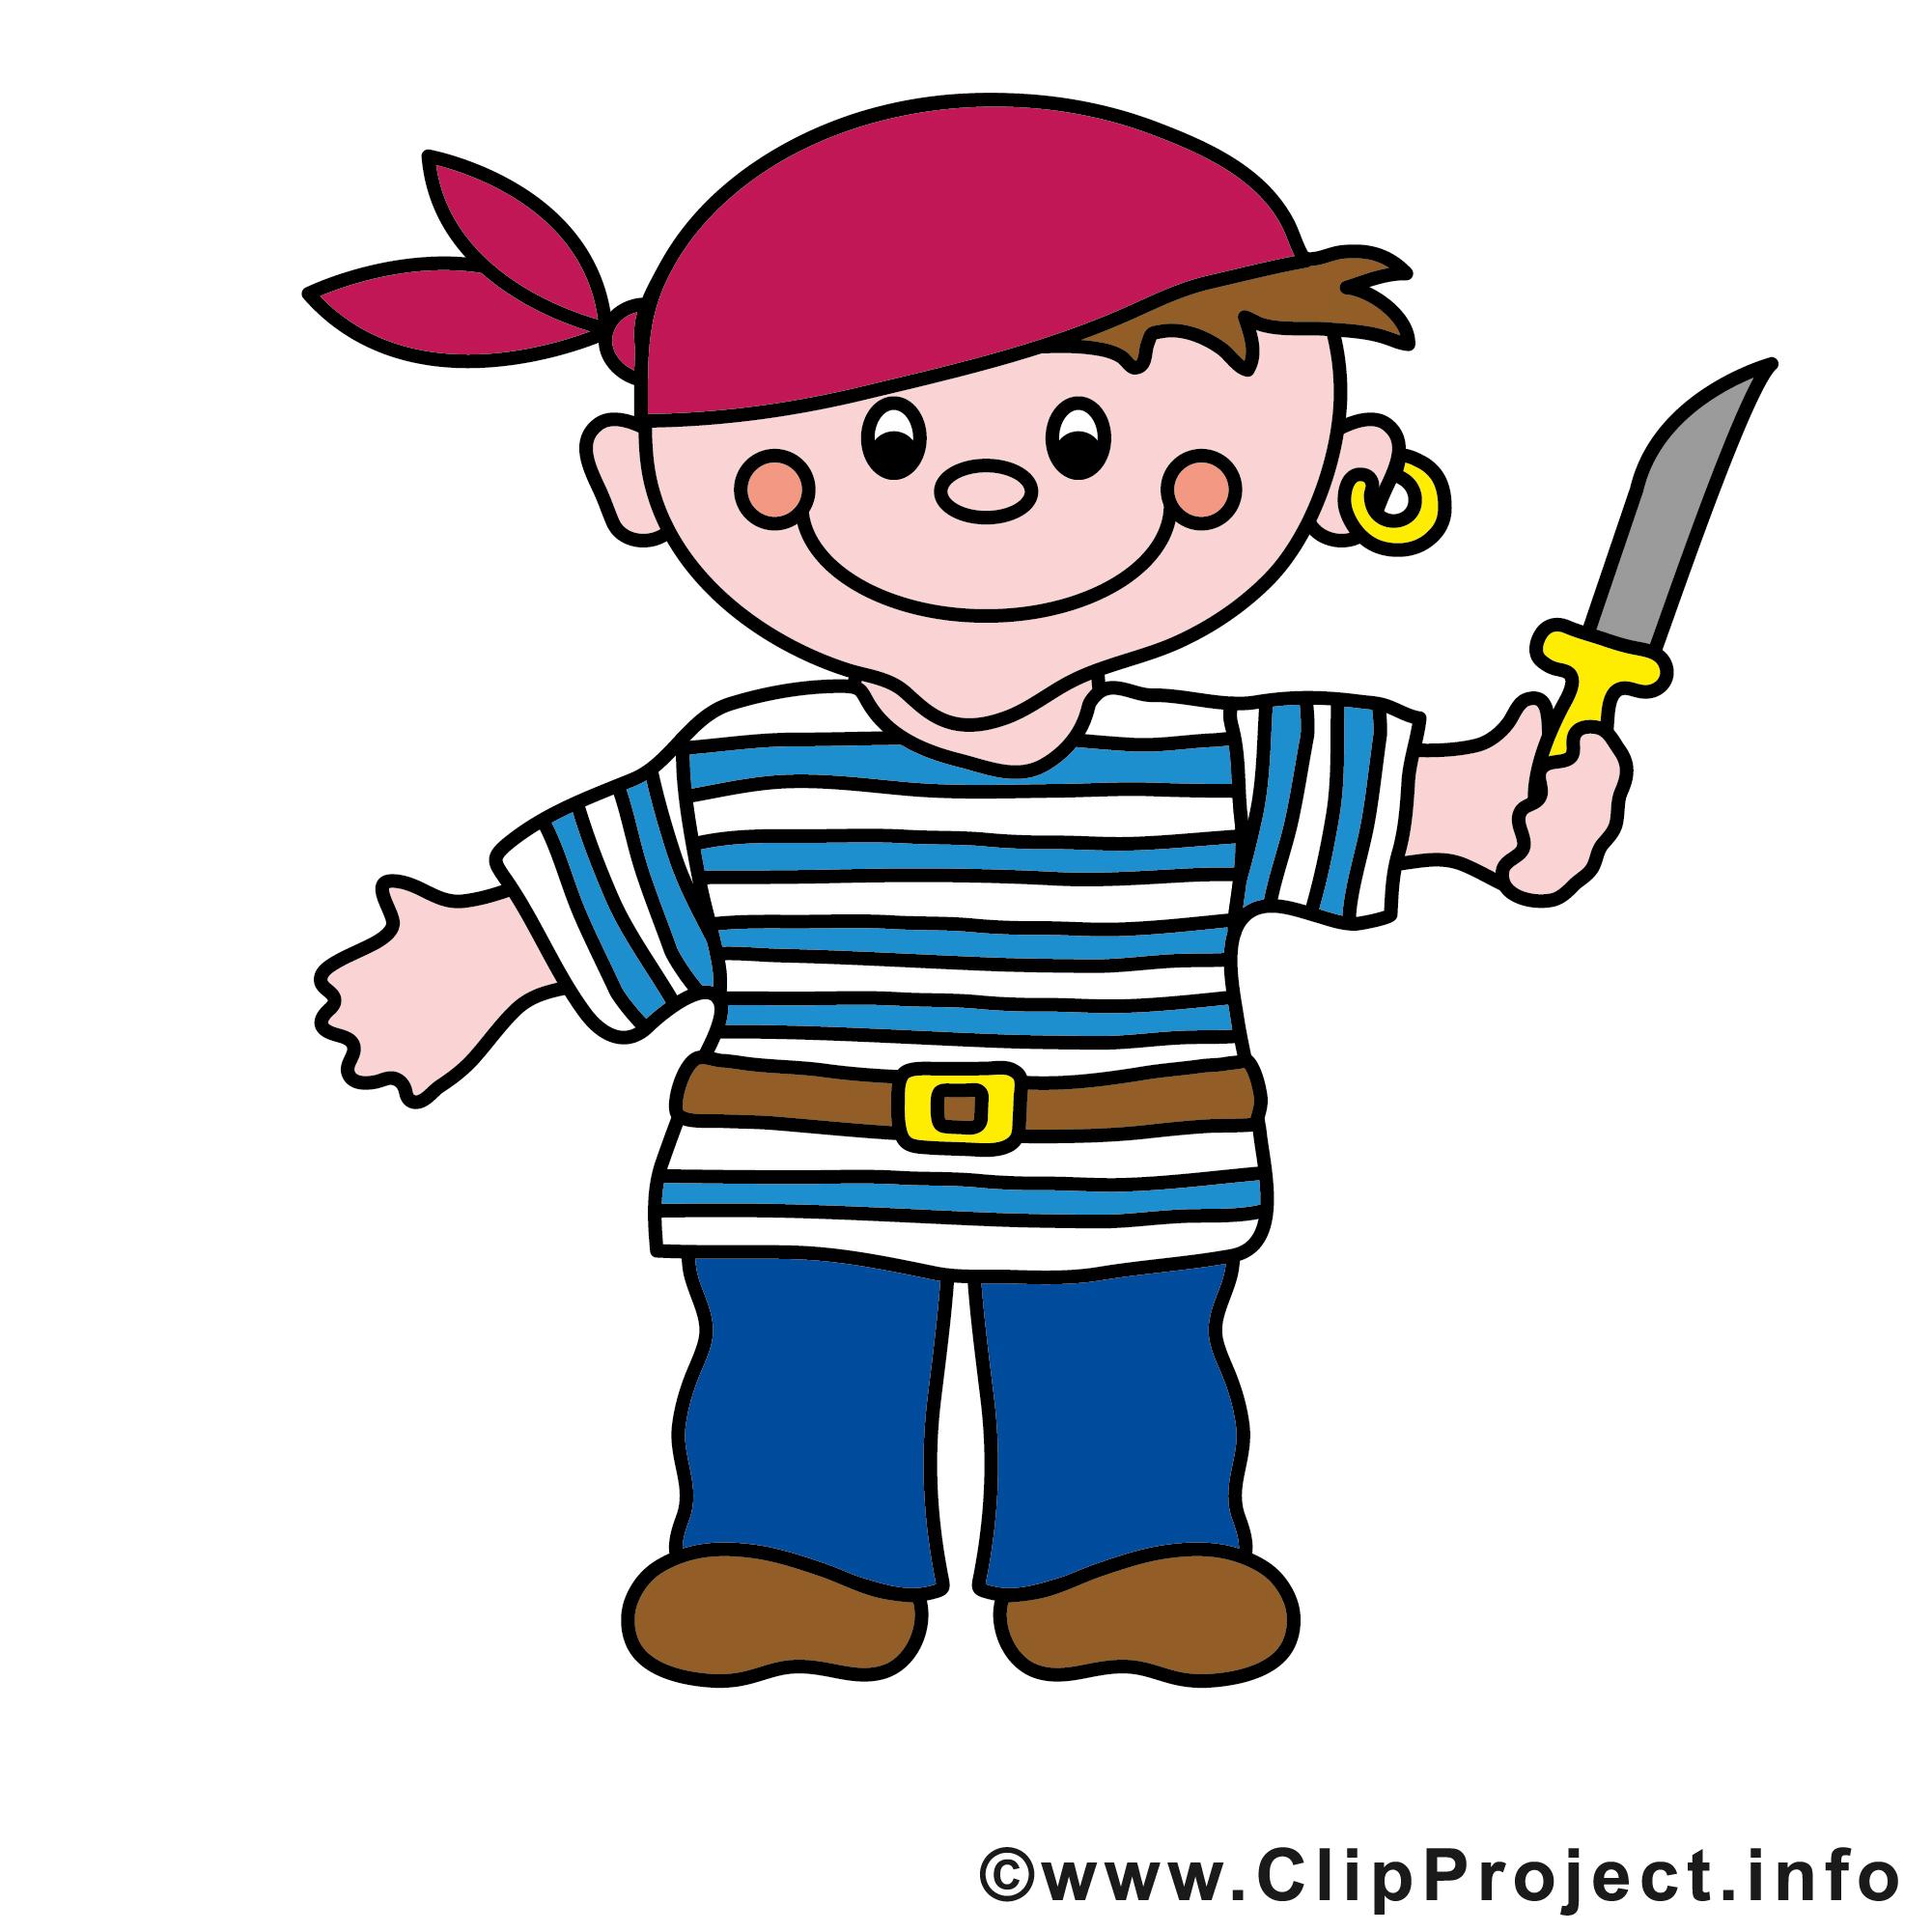 pirate images couteau clip art gratuit fable dessin picture rh fr clipproject info